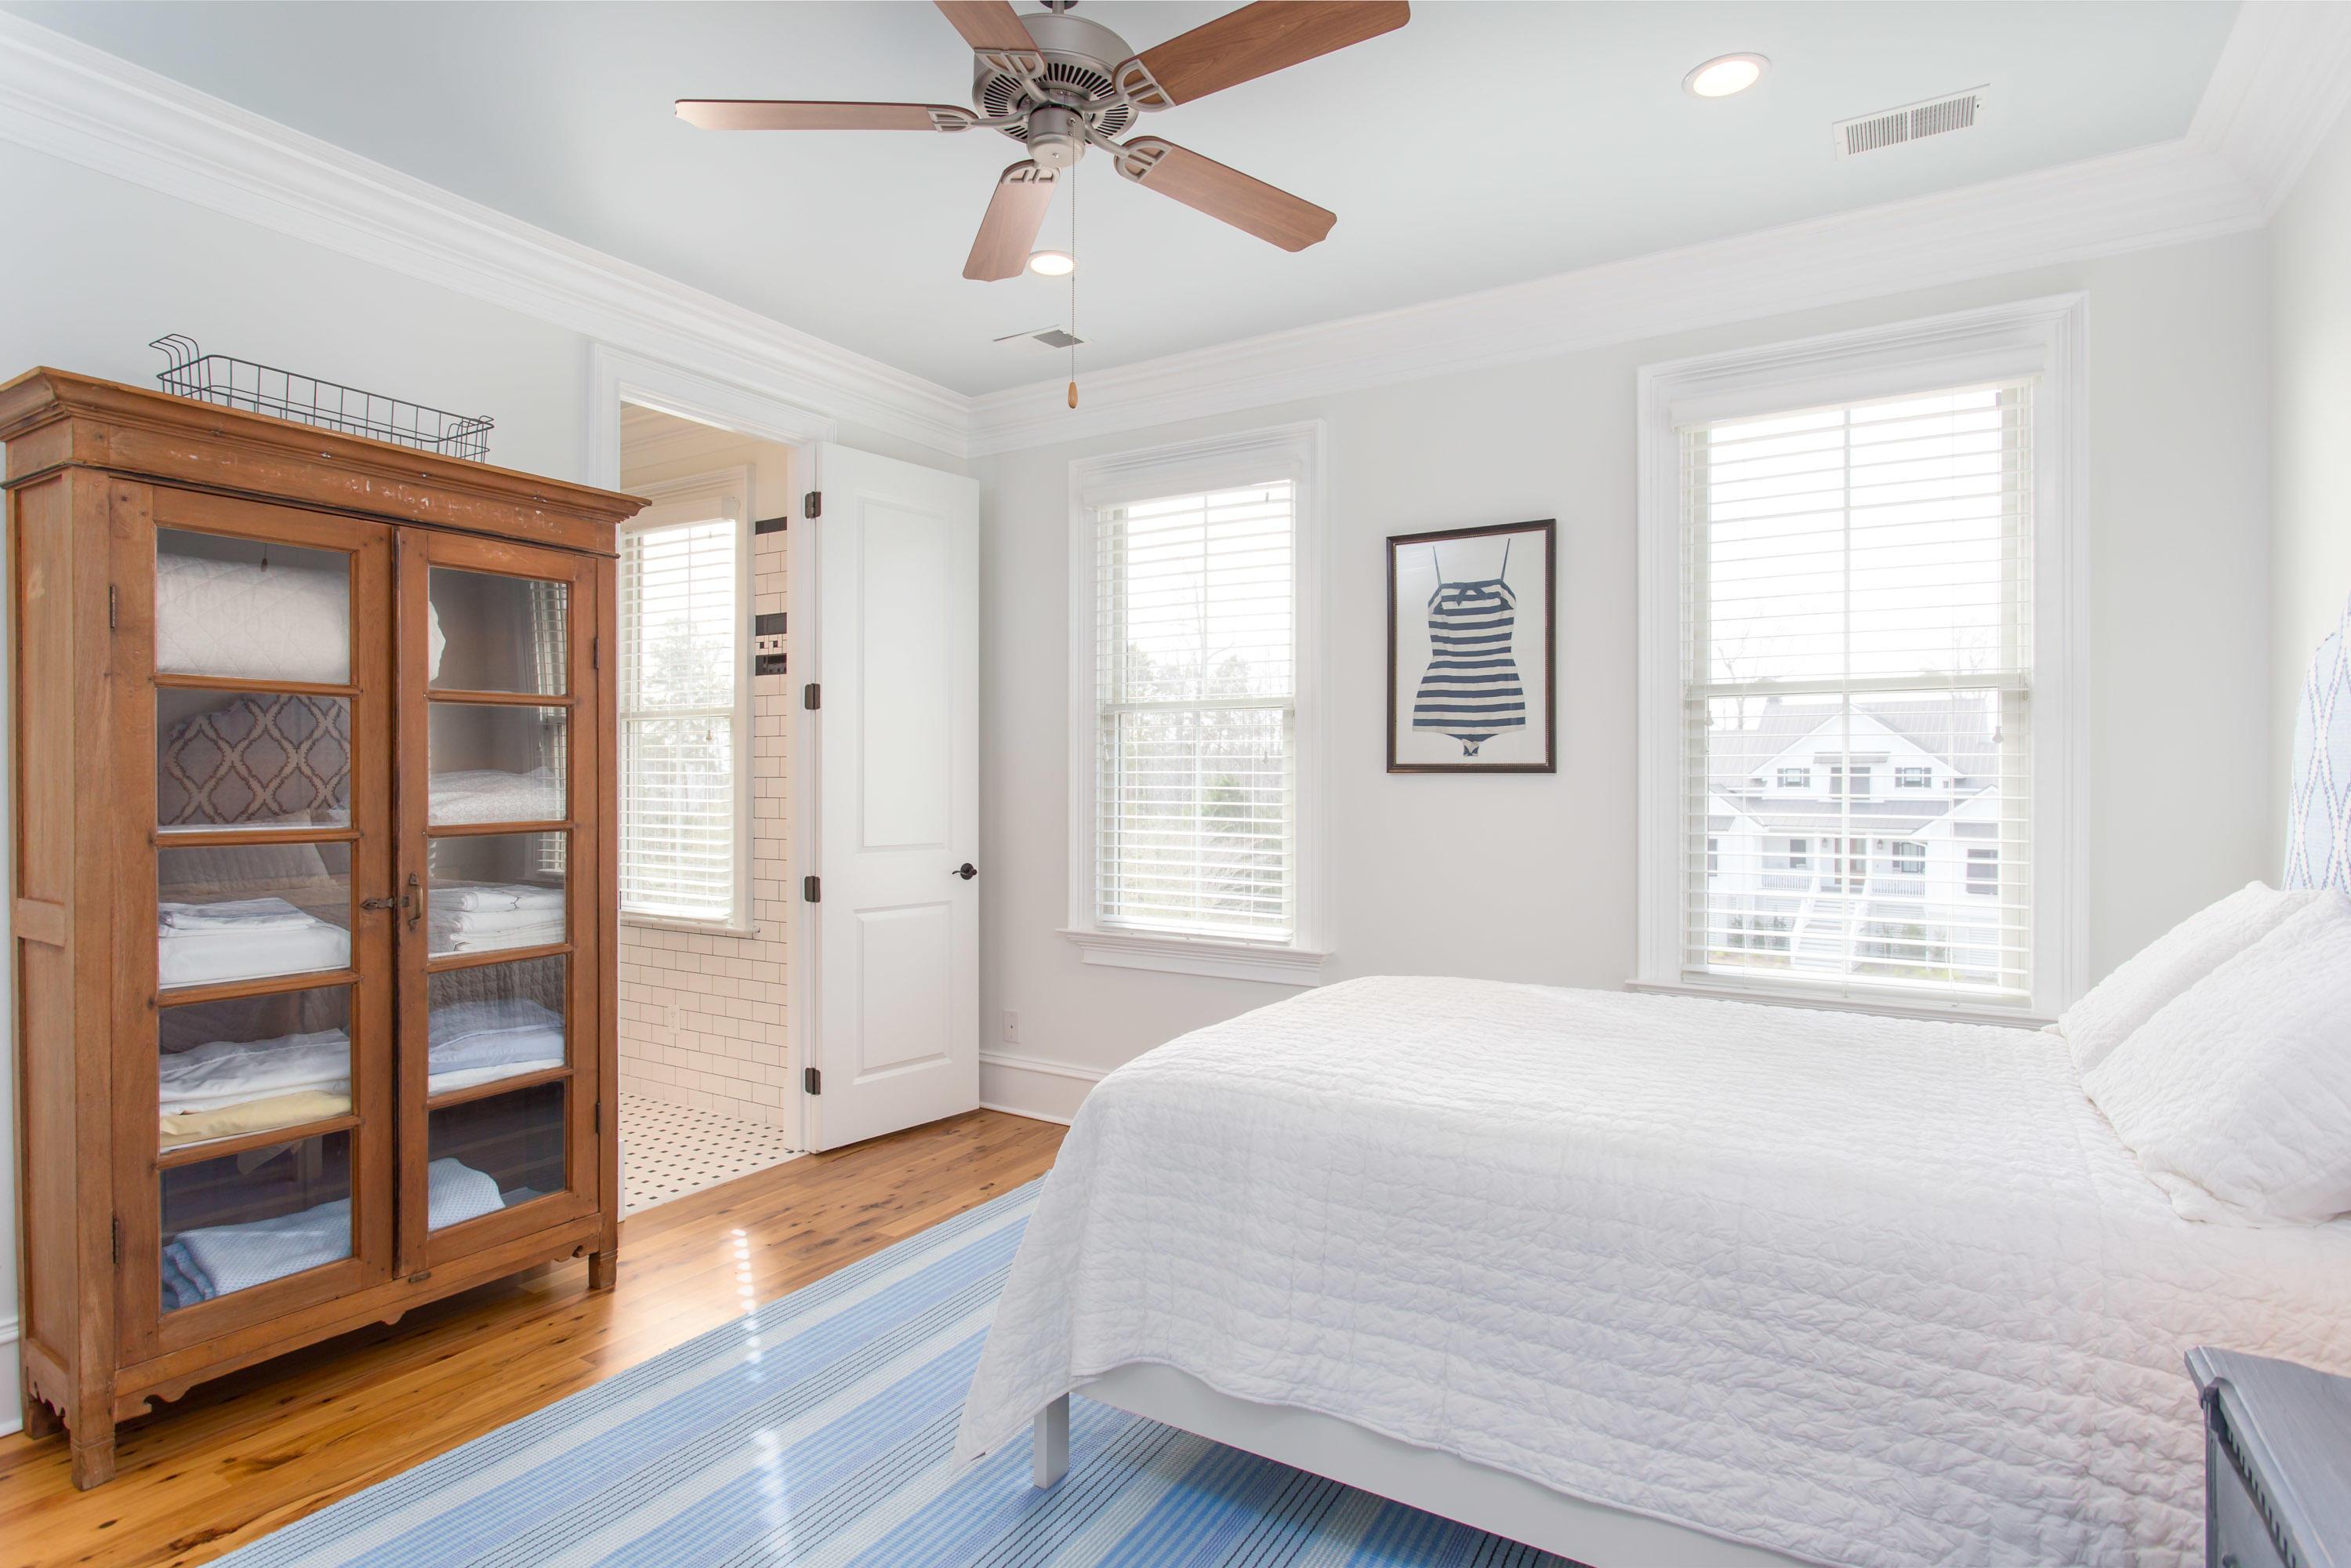 Dunes West Homes For Sale - 3044 Yachtsman, Mount Pleasant, SC - 22